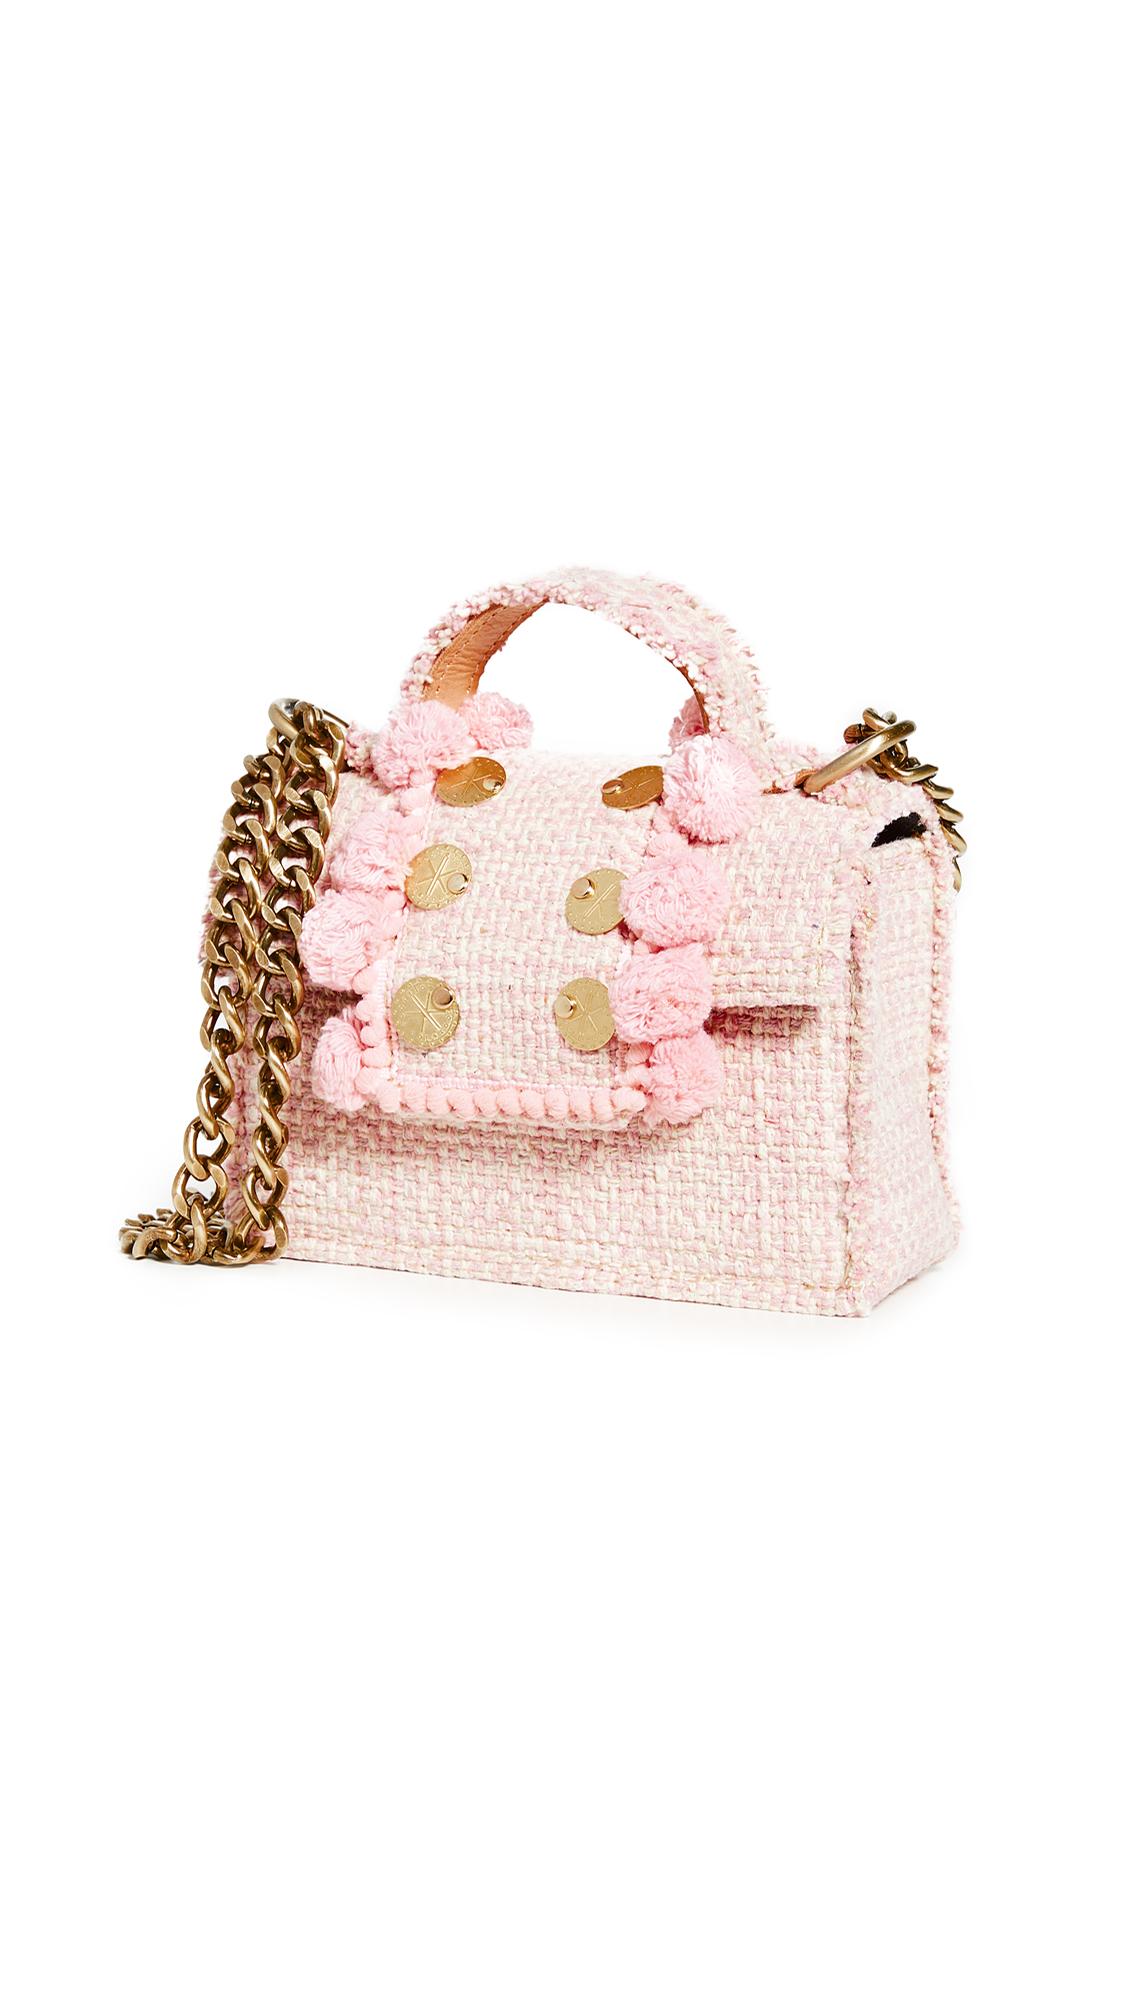 Kooreloo Petit Juliet Bag In Baby Pink